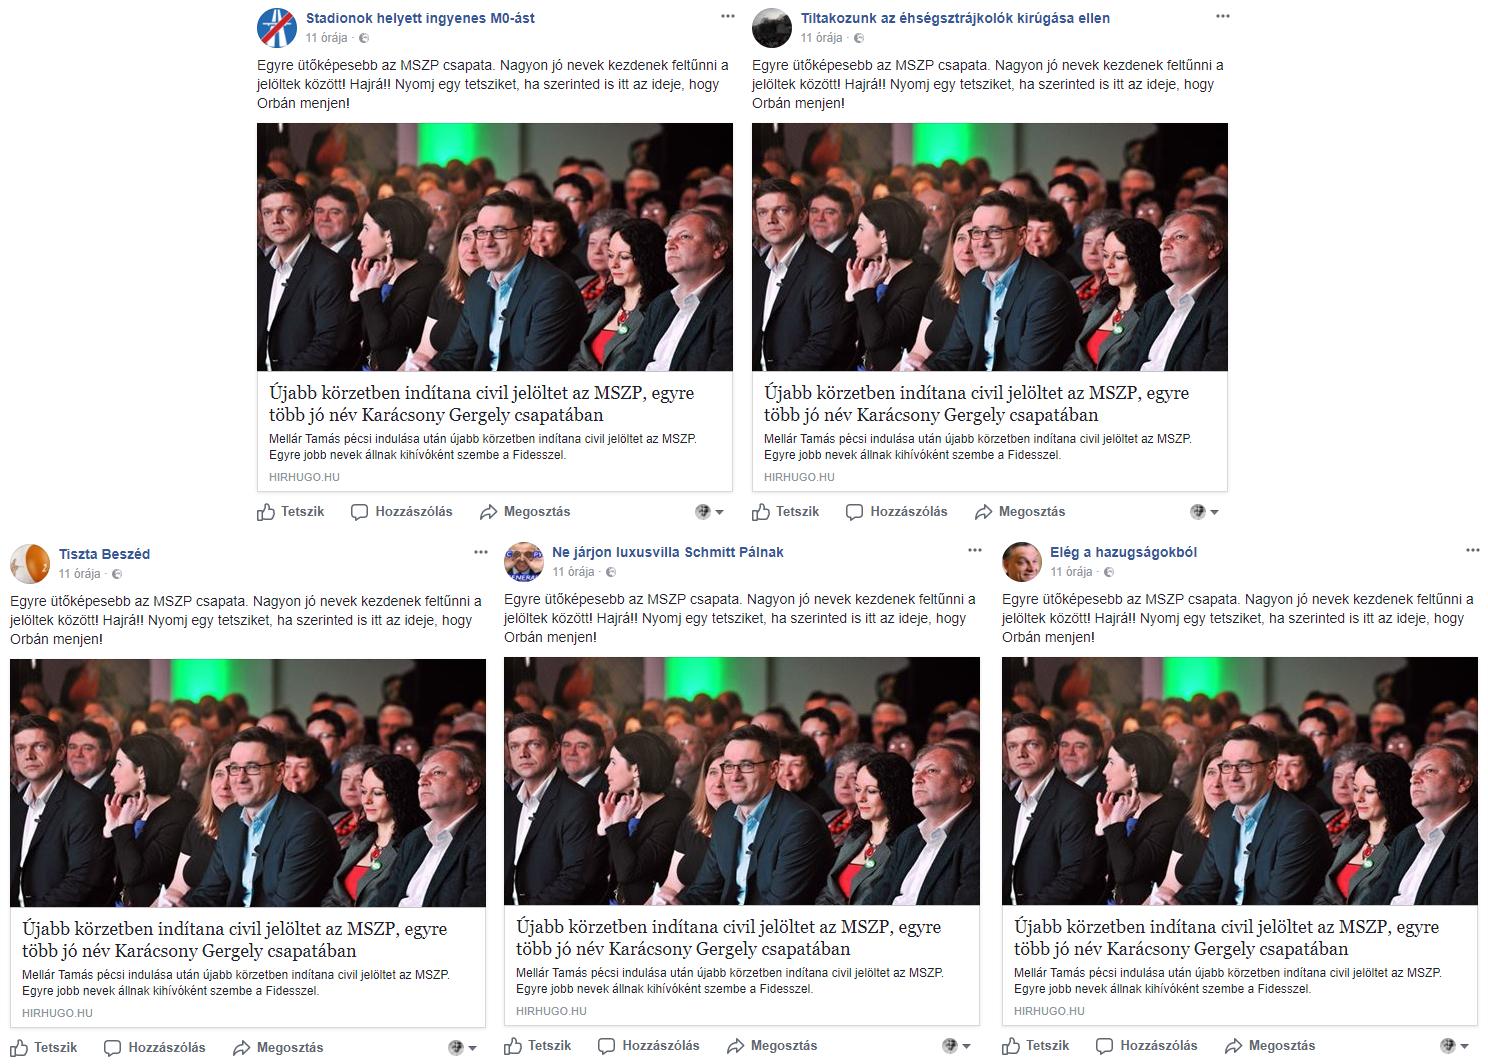 Mészáros Lőrinc szabadalmaztatott módszerével tolja az MSZP a Fidesszel lepaktáló, hirhedt képviselőjelöltjét